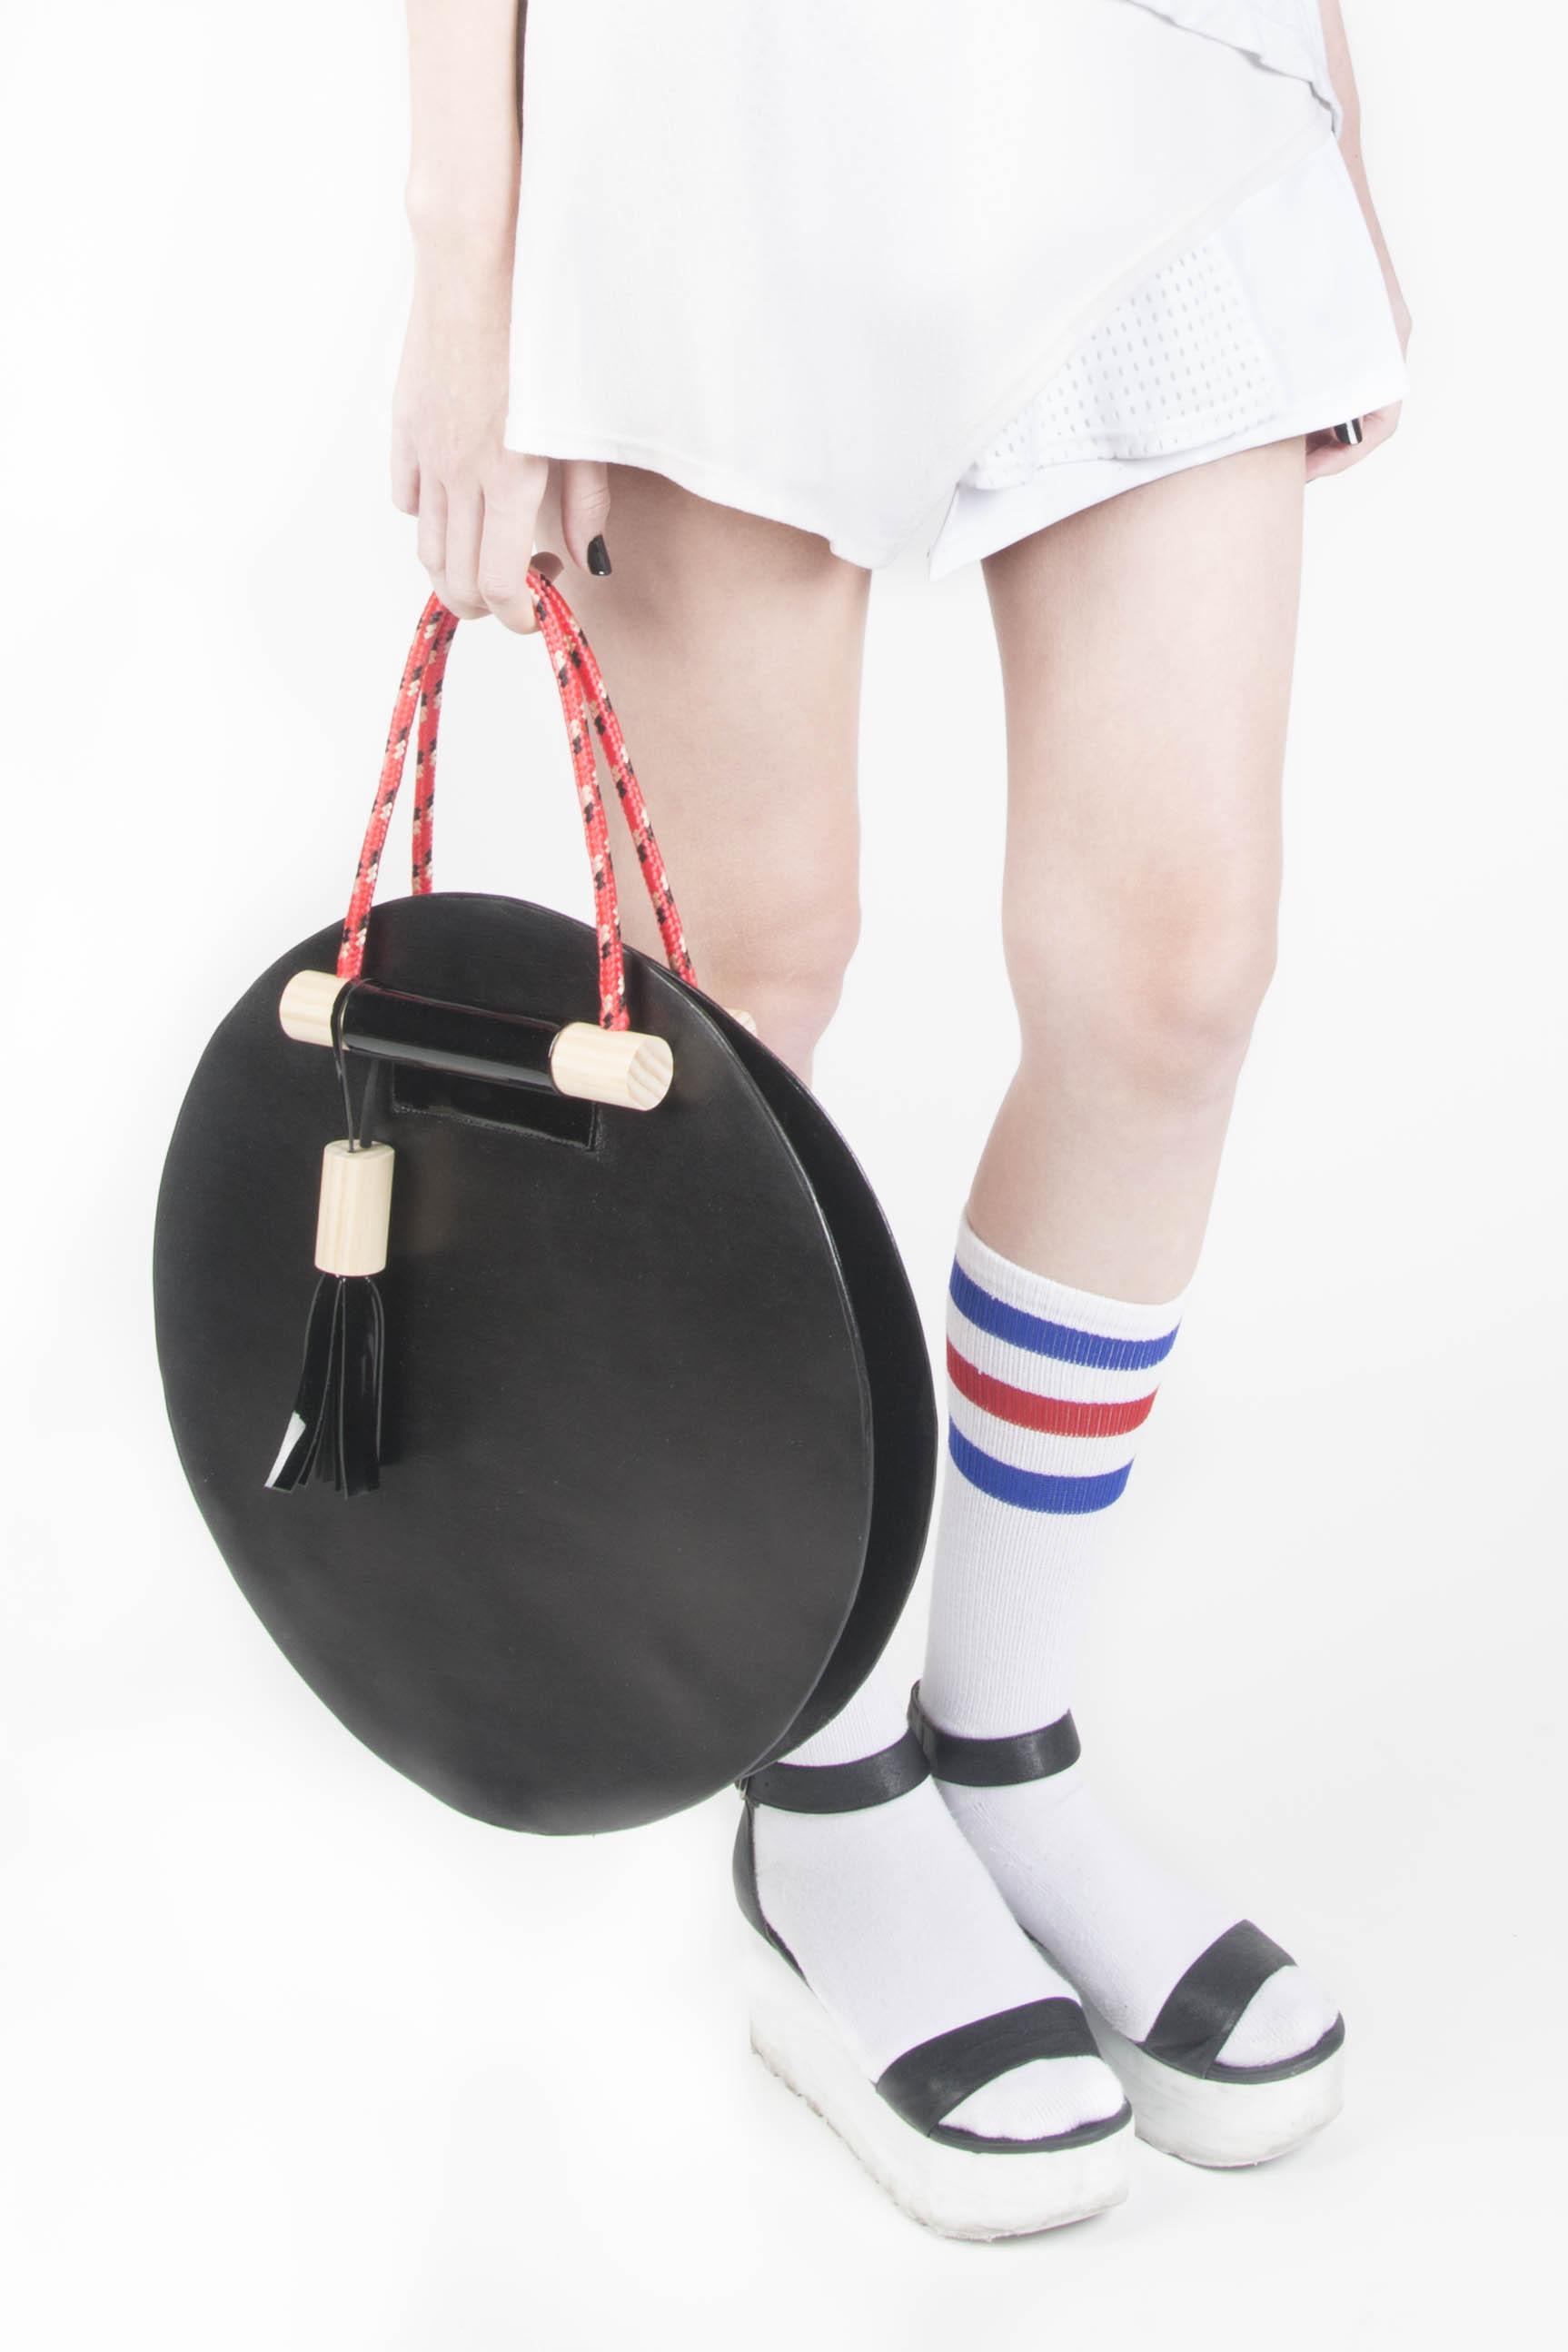 Handbags-2.jpg